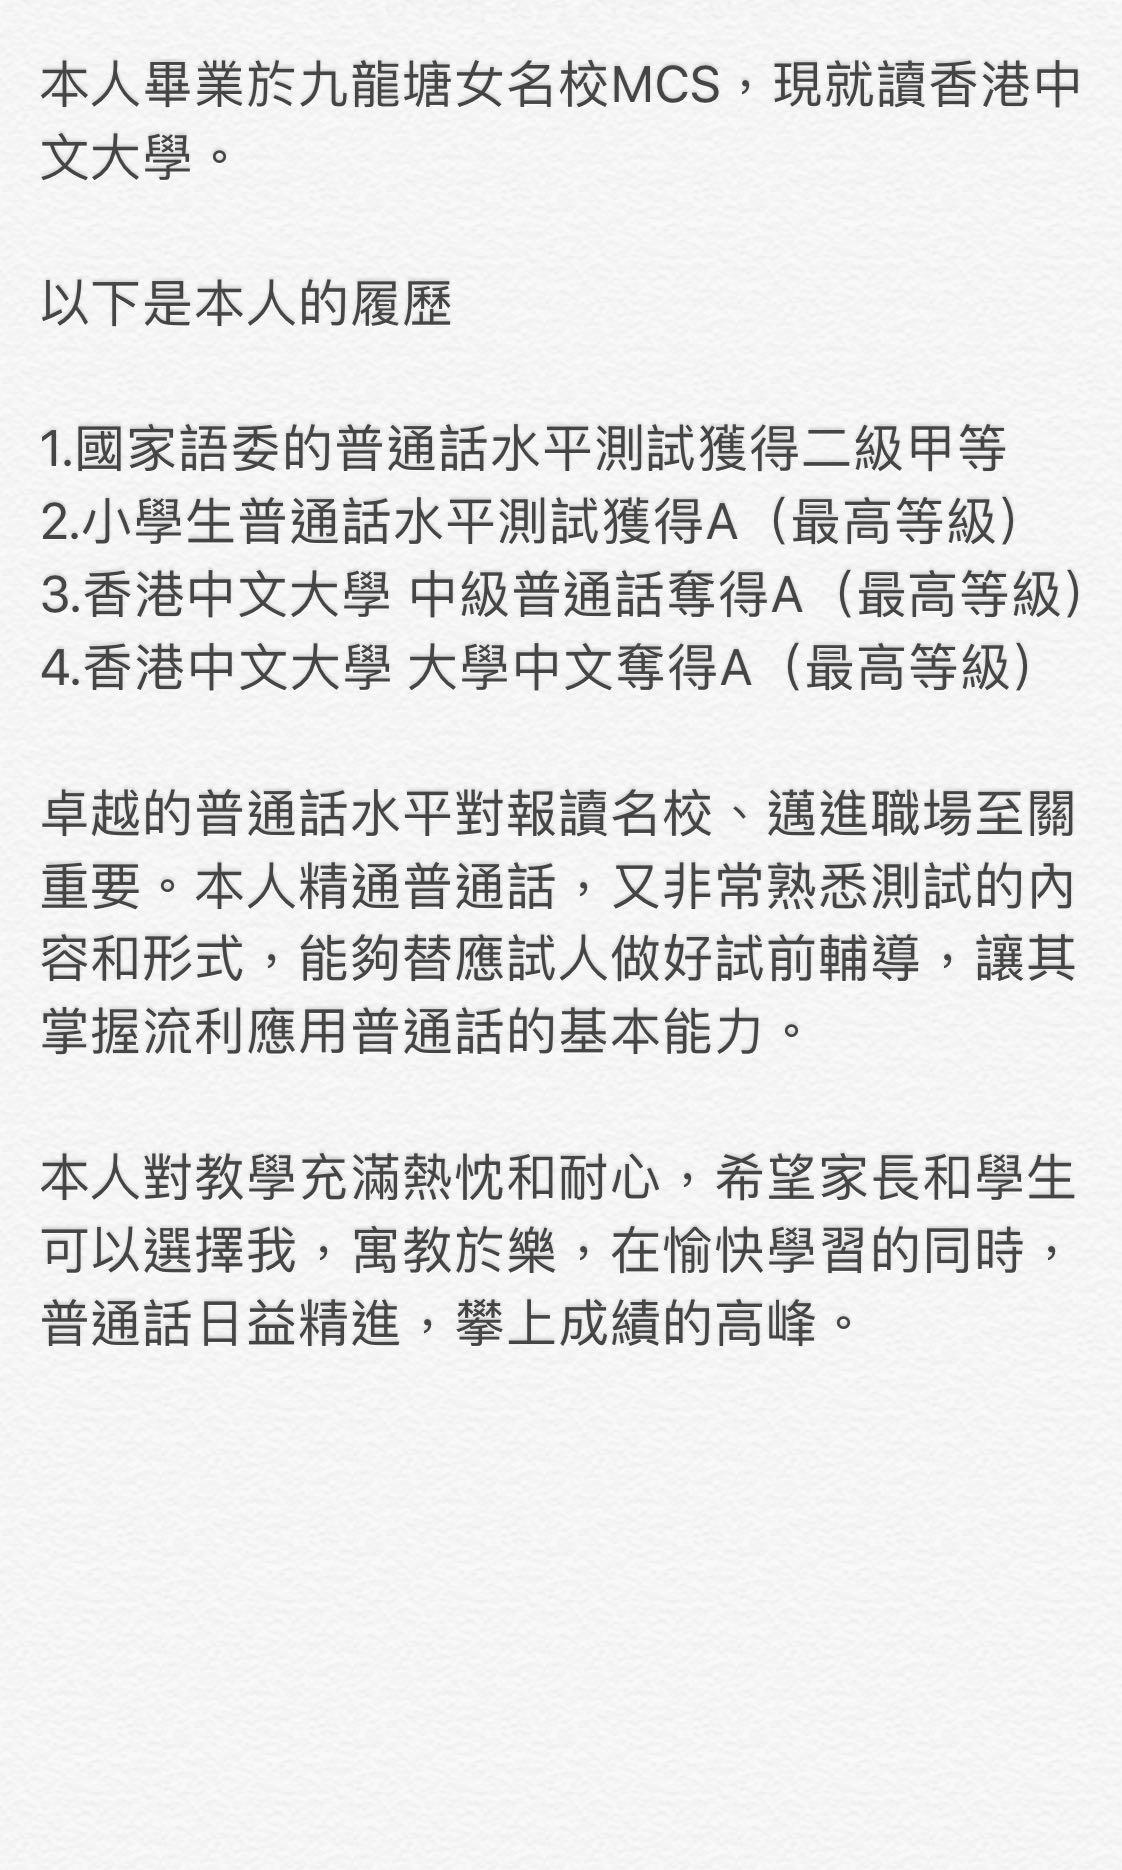 中大女導師 國家語委普通話水平測試小學中學會話輔導